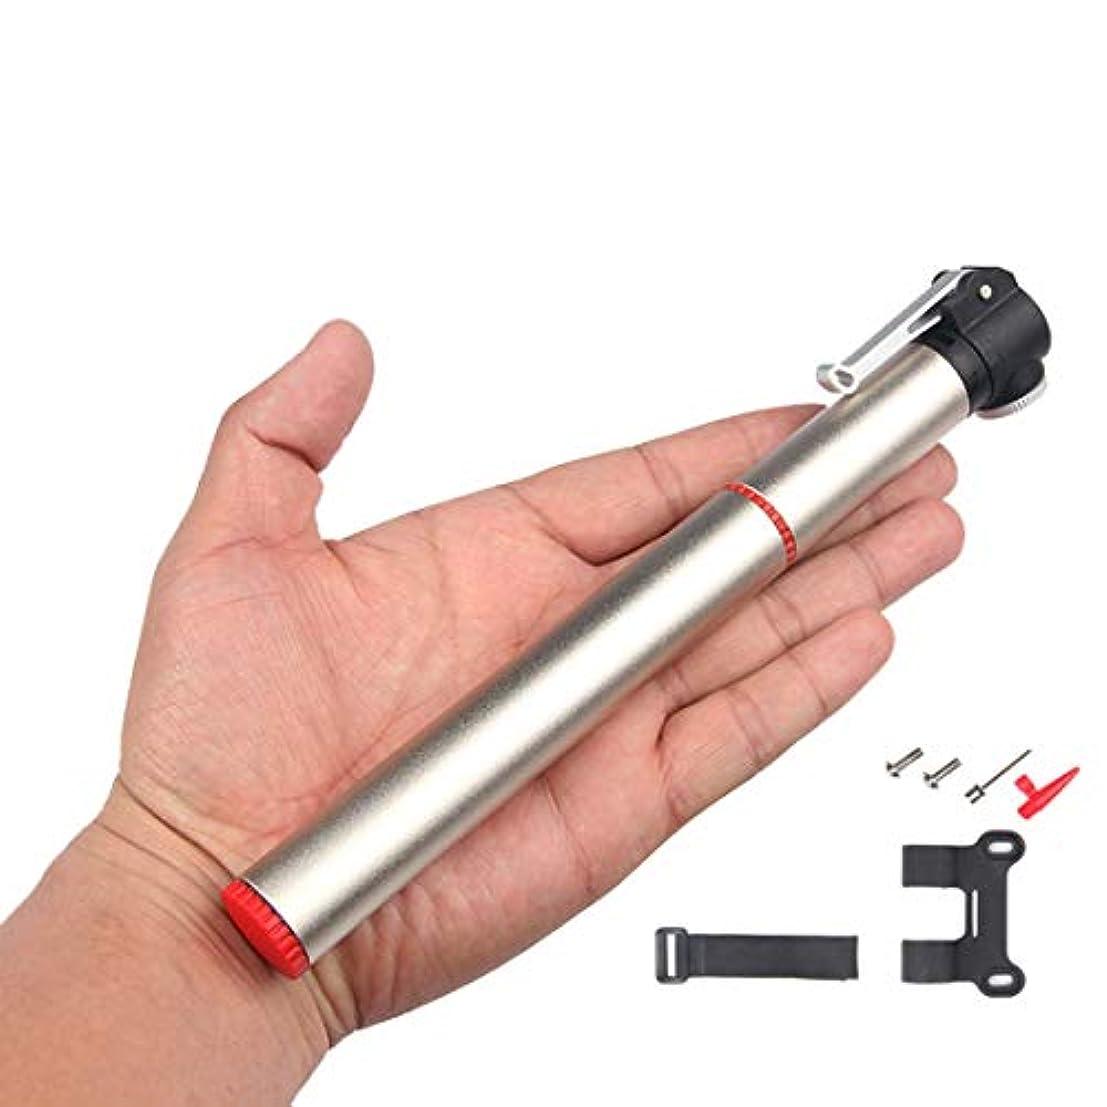 発送サミュエルもっともらしいUSUNO ポータブルポケットポンプ 自転車ポンプ ボールポンプ エアポンプ 仏式と米式バルブに対応 高圧120PSI対応 アルミ合金